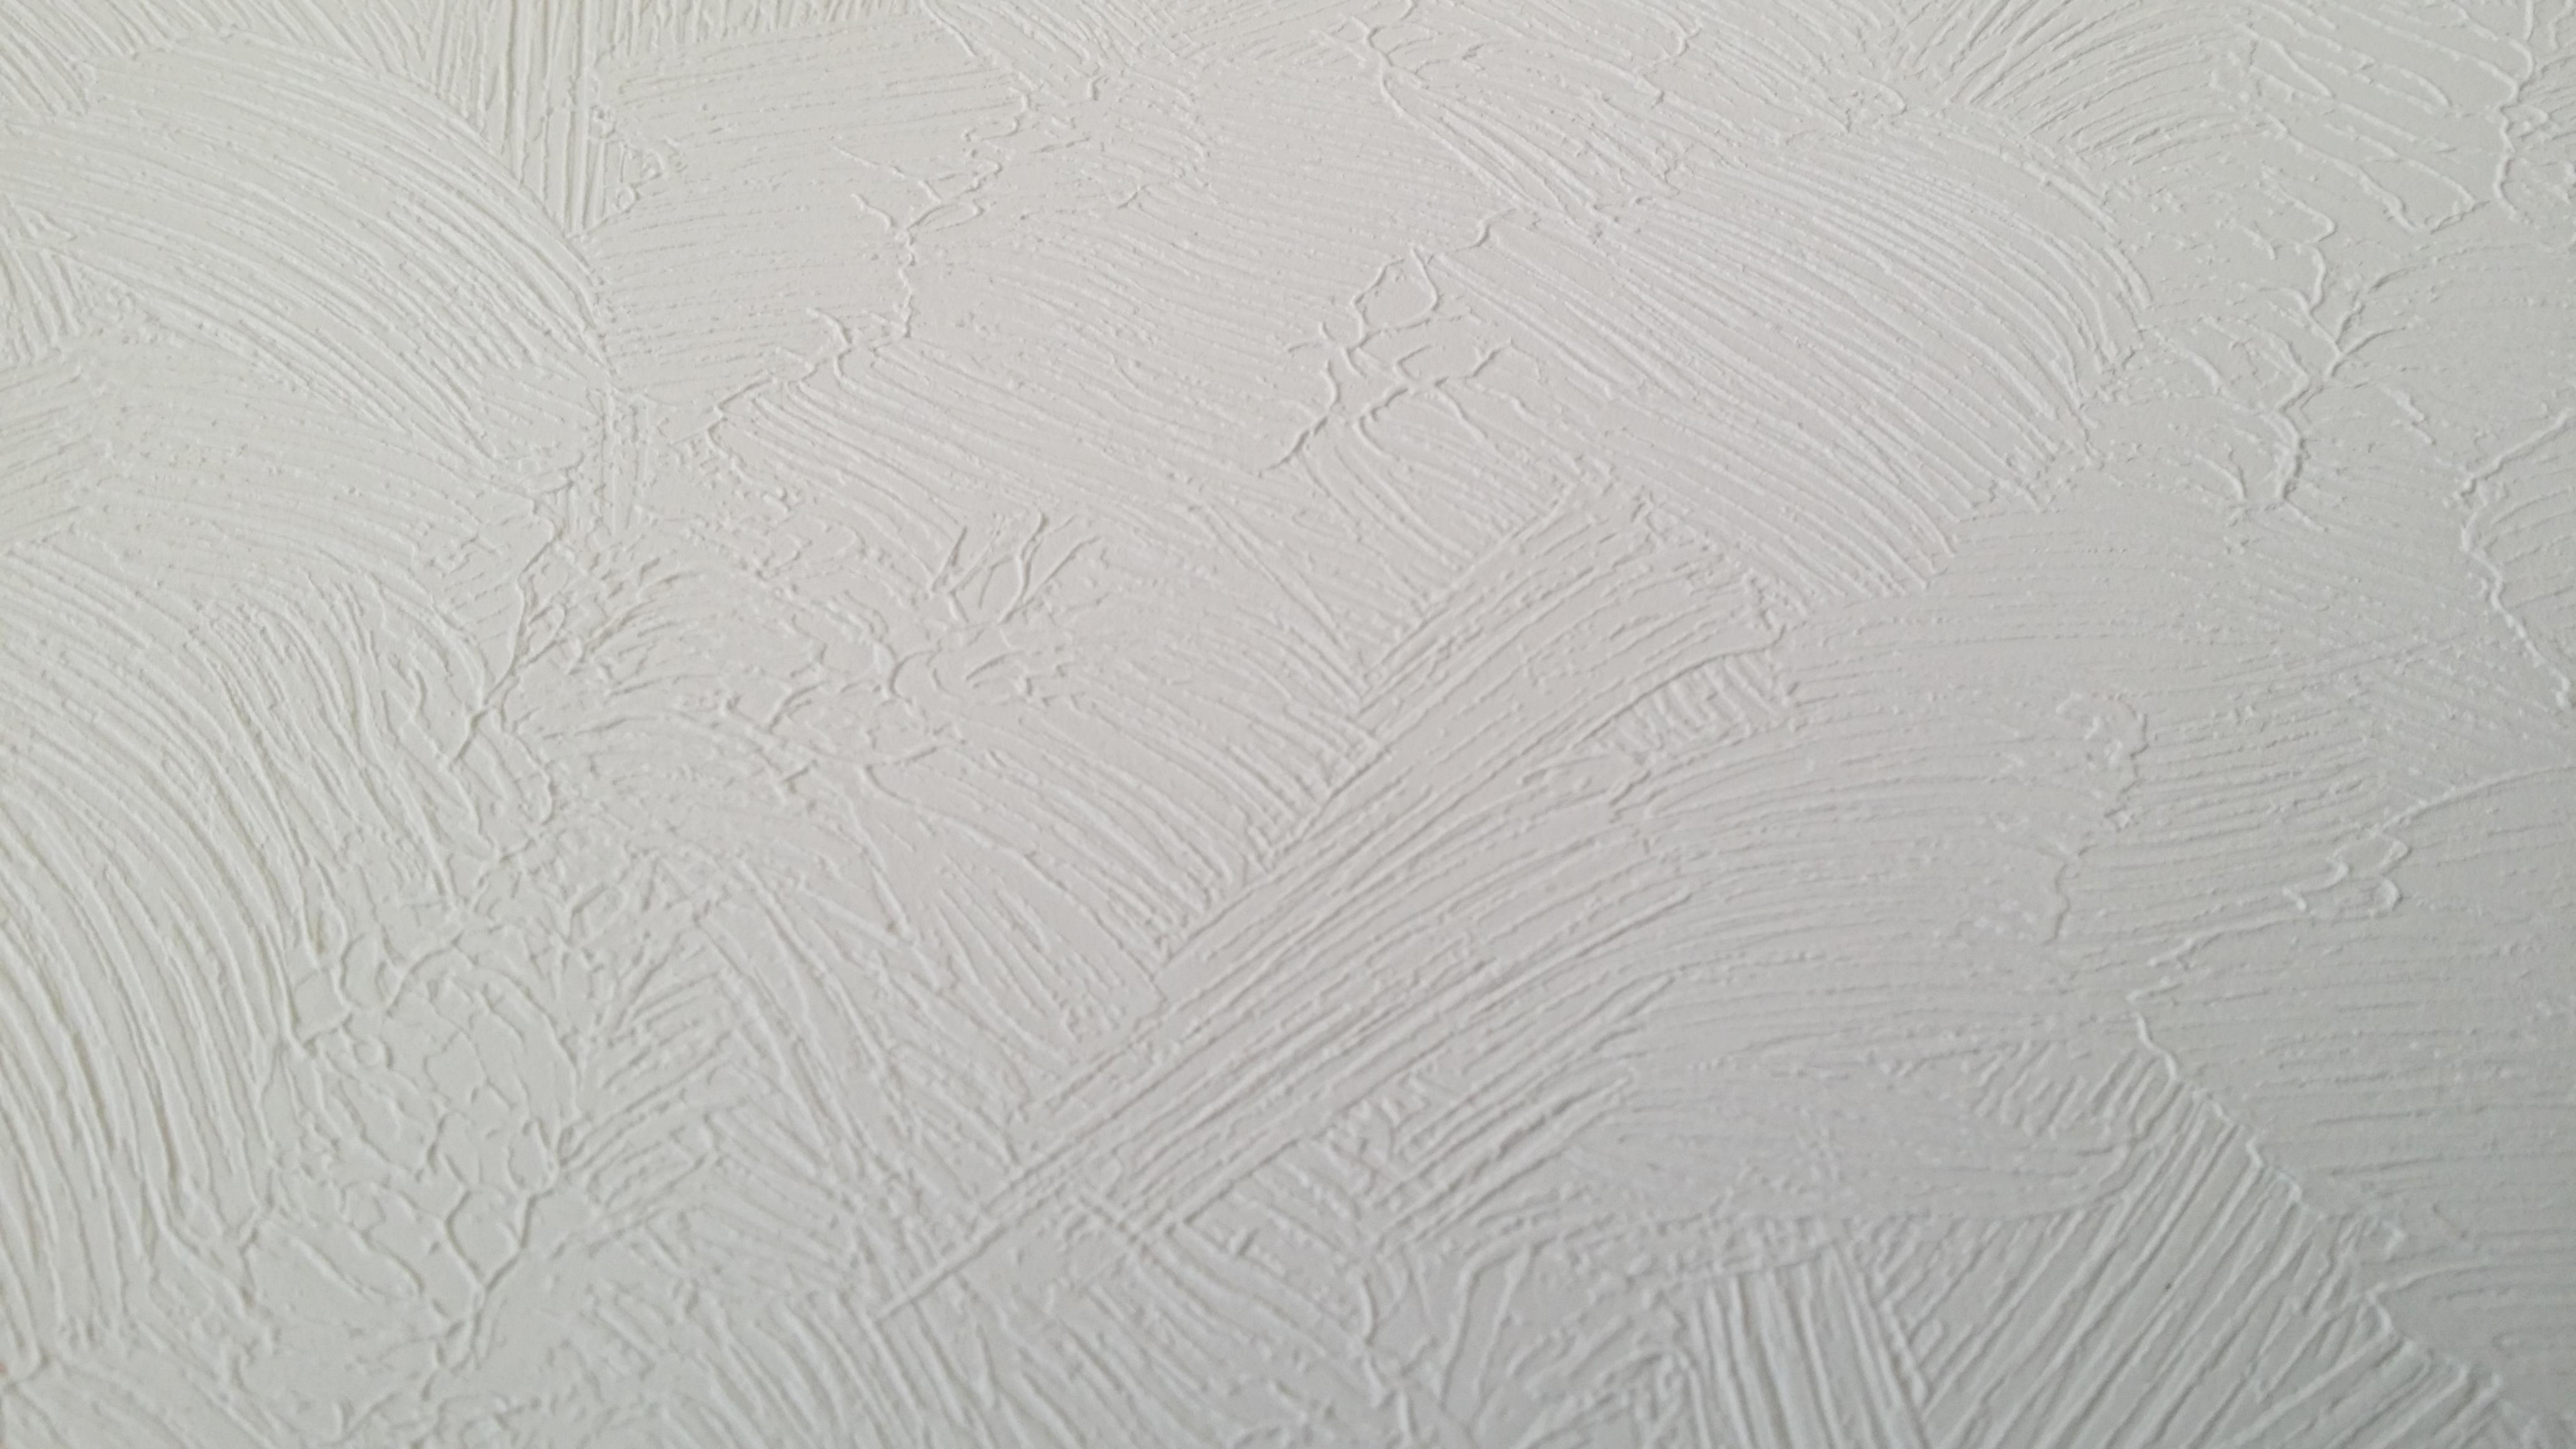 Papier Peint Effet Crepi impression papier peint personnalisé - la nouvelle imprimerie